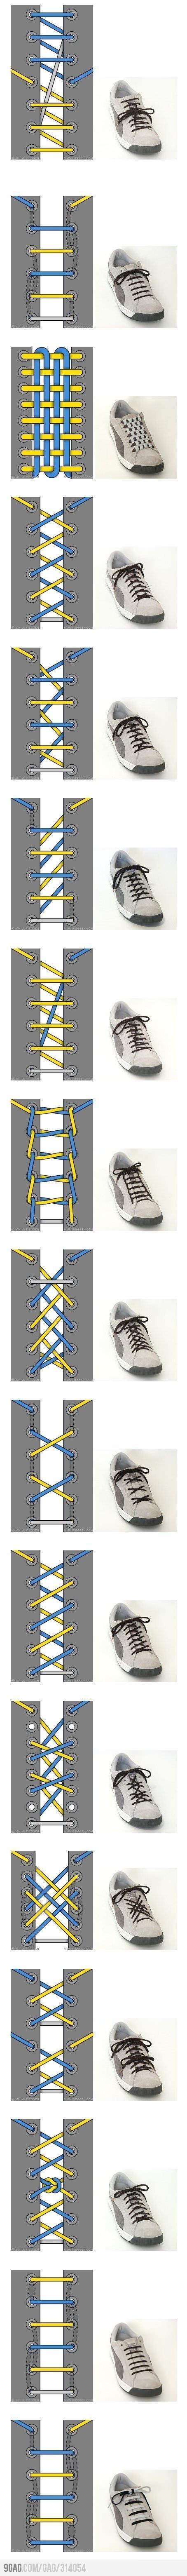 17 Cara Mengikat Tali Sepatu (Infographic)